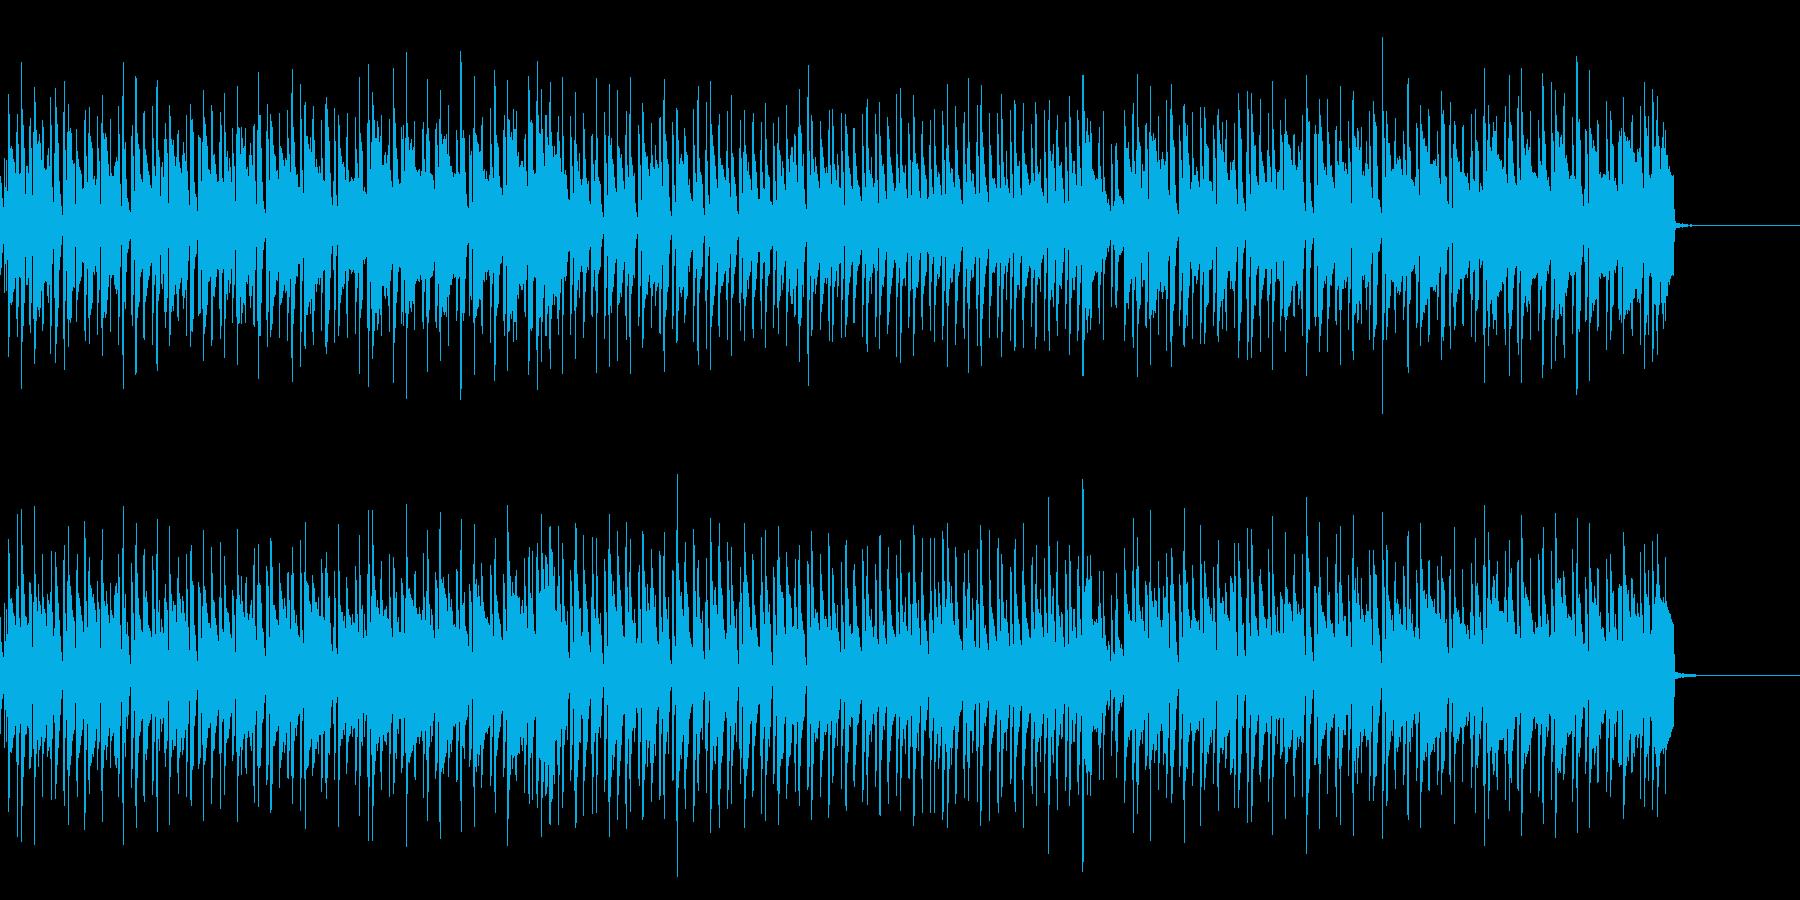 明るく楽しいBGMの再生済みの波形